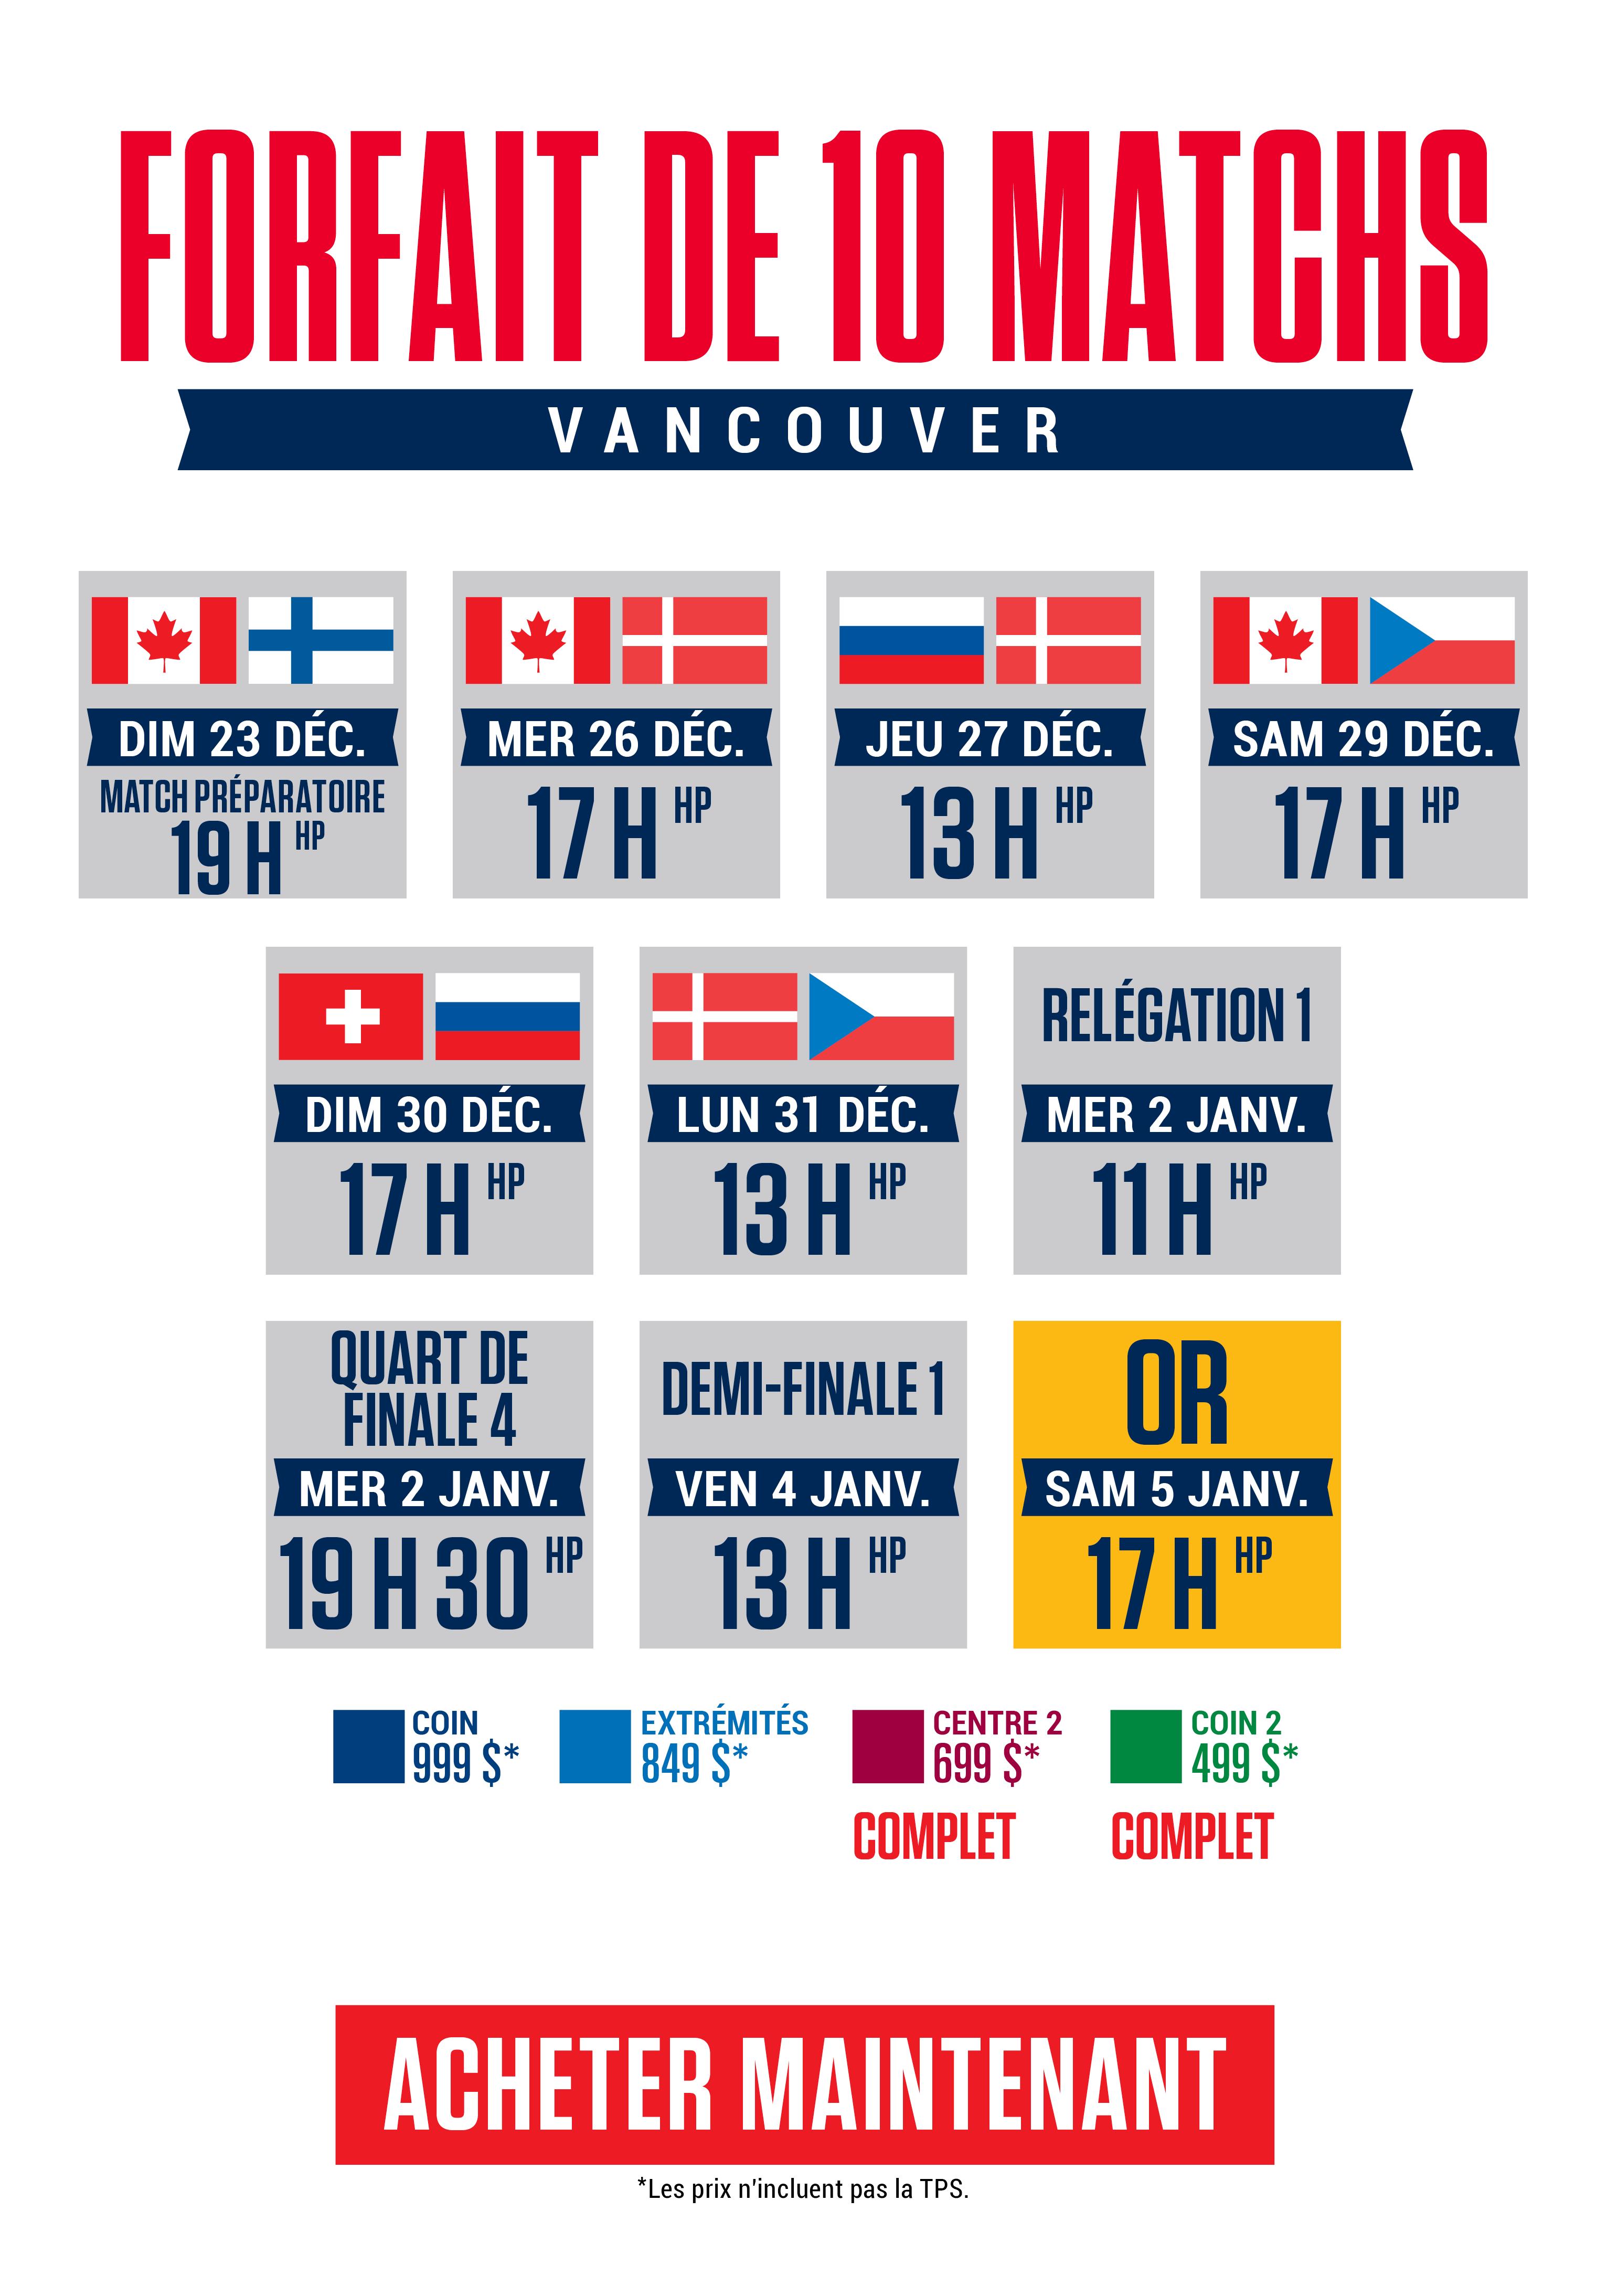 Championnat mondial junior - Vancouver - Forfait de 10 matchs